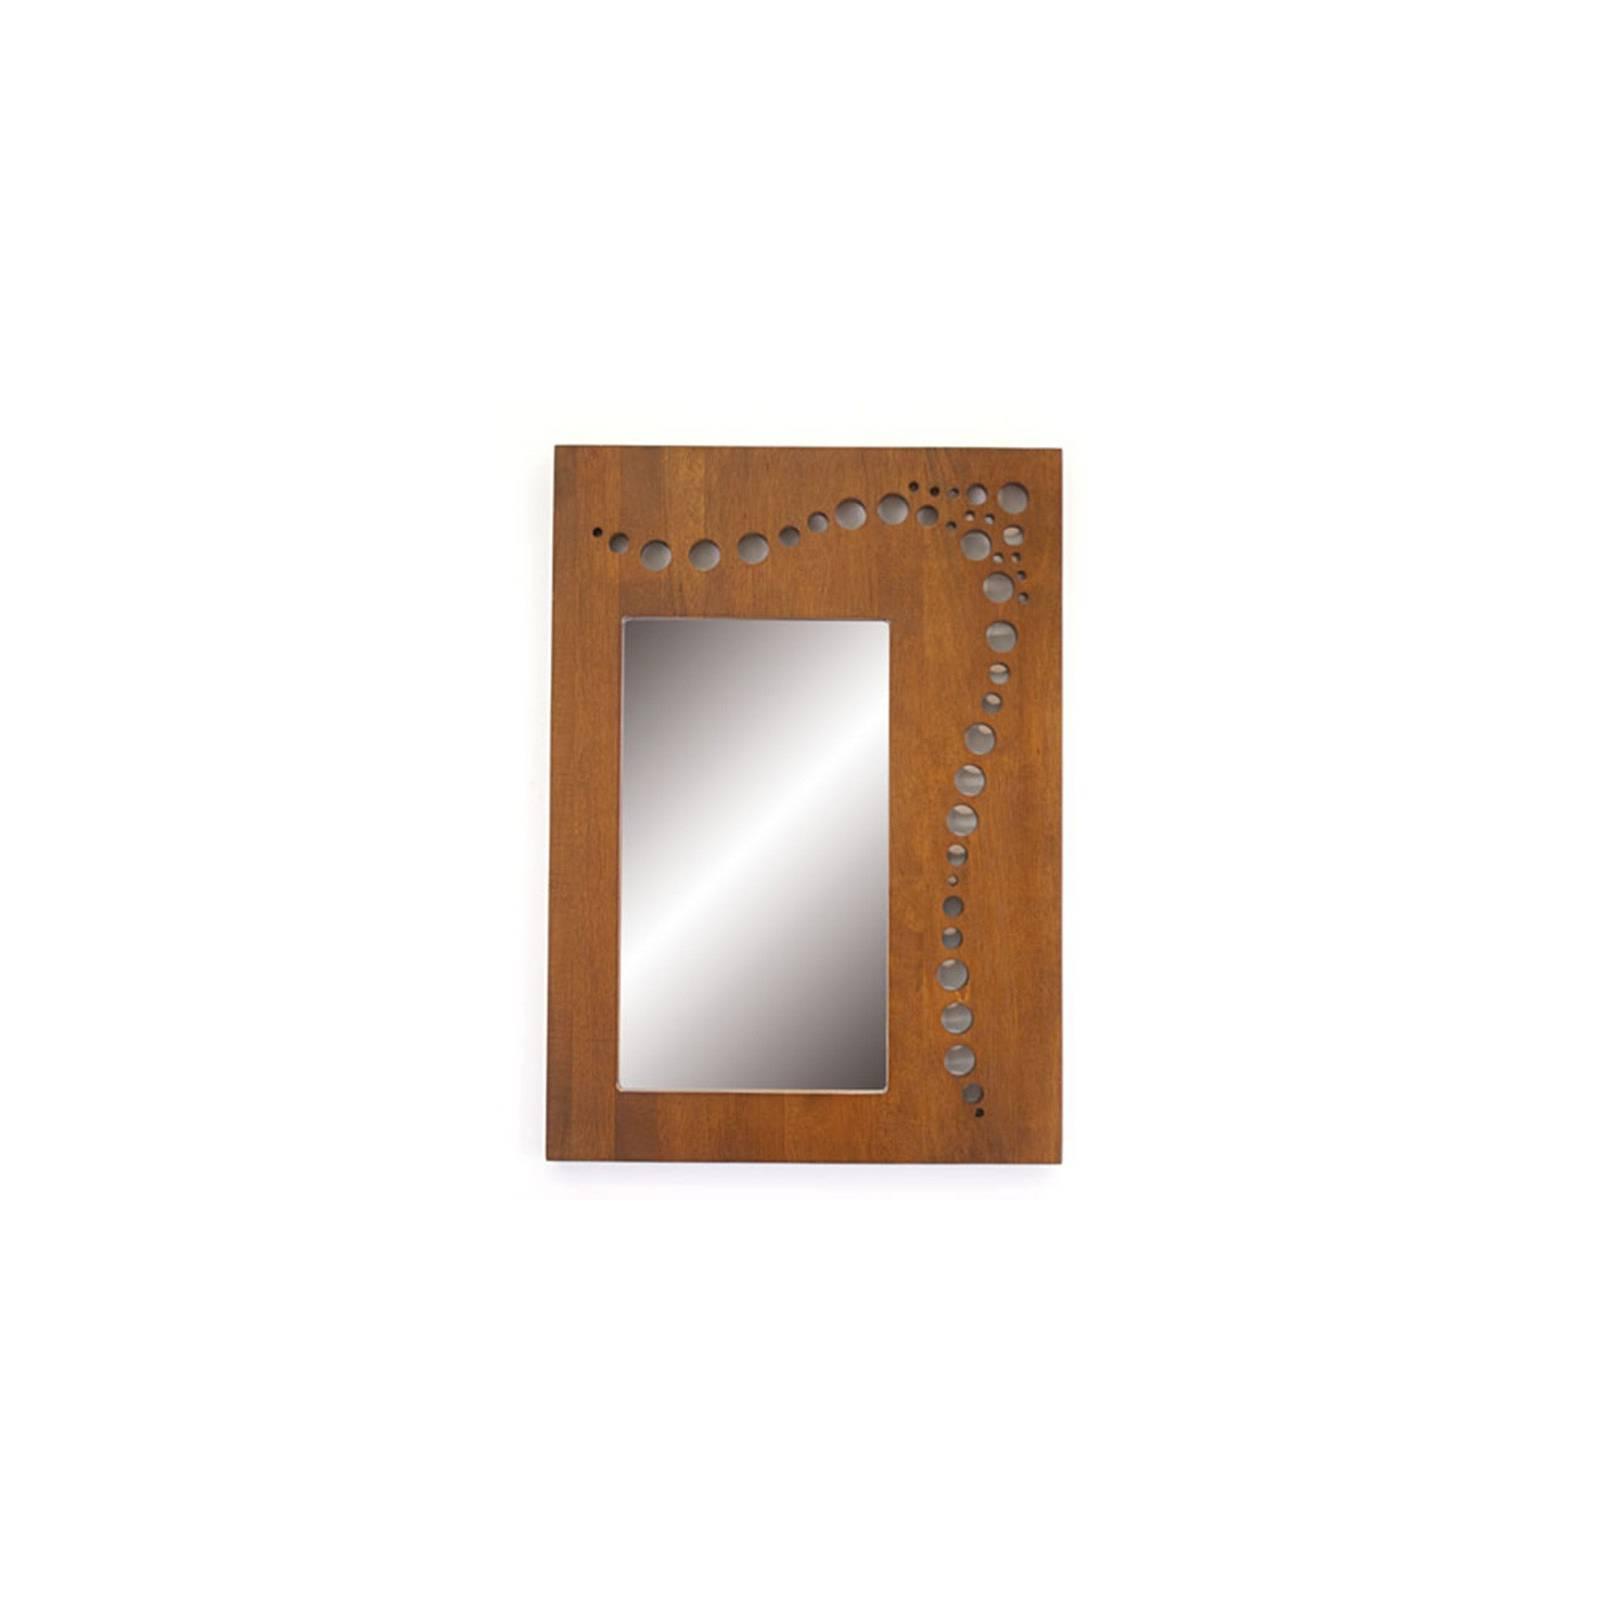 Miroir Rectangulaire Océania Hévéa - meuble style colonial